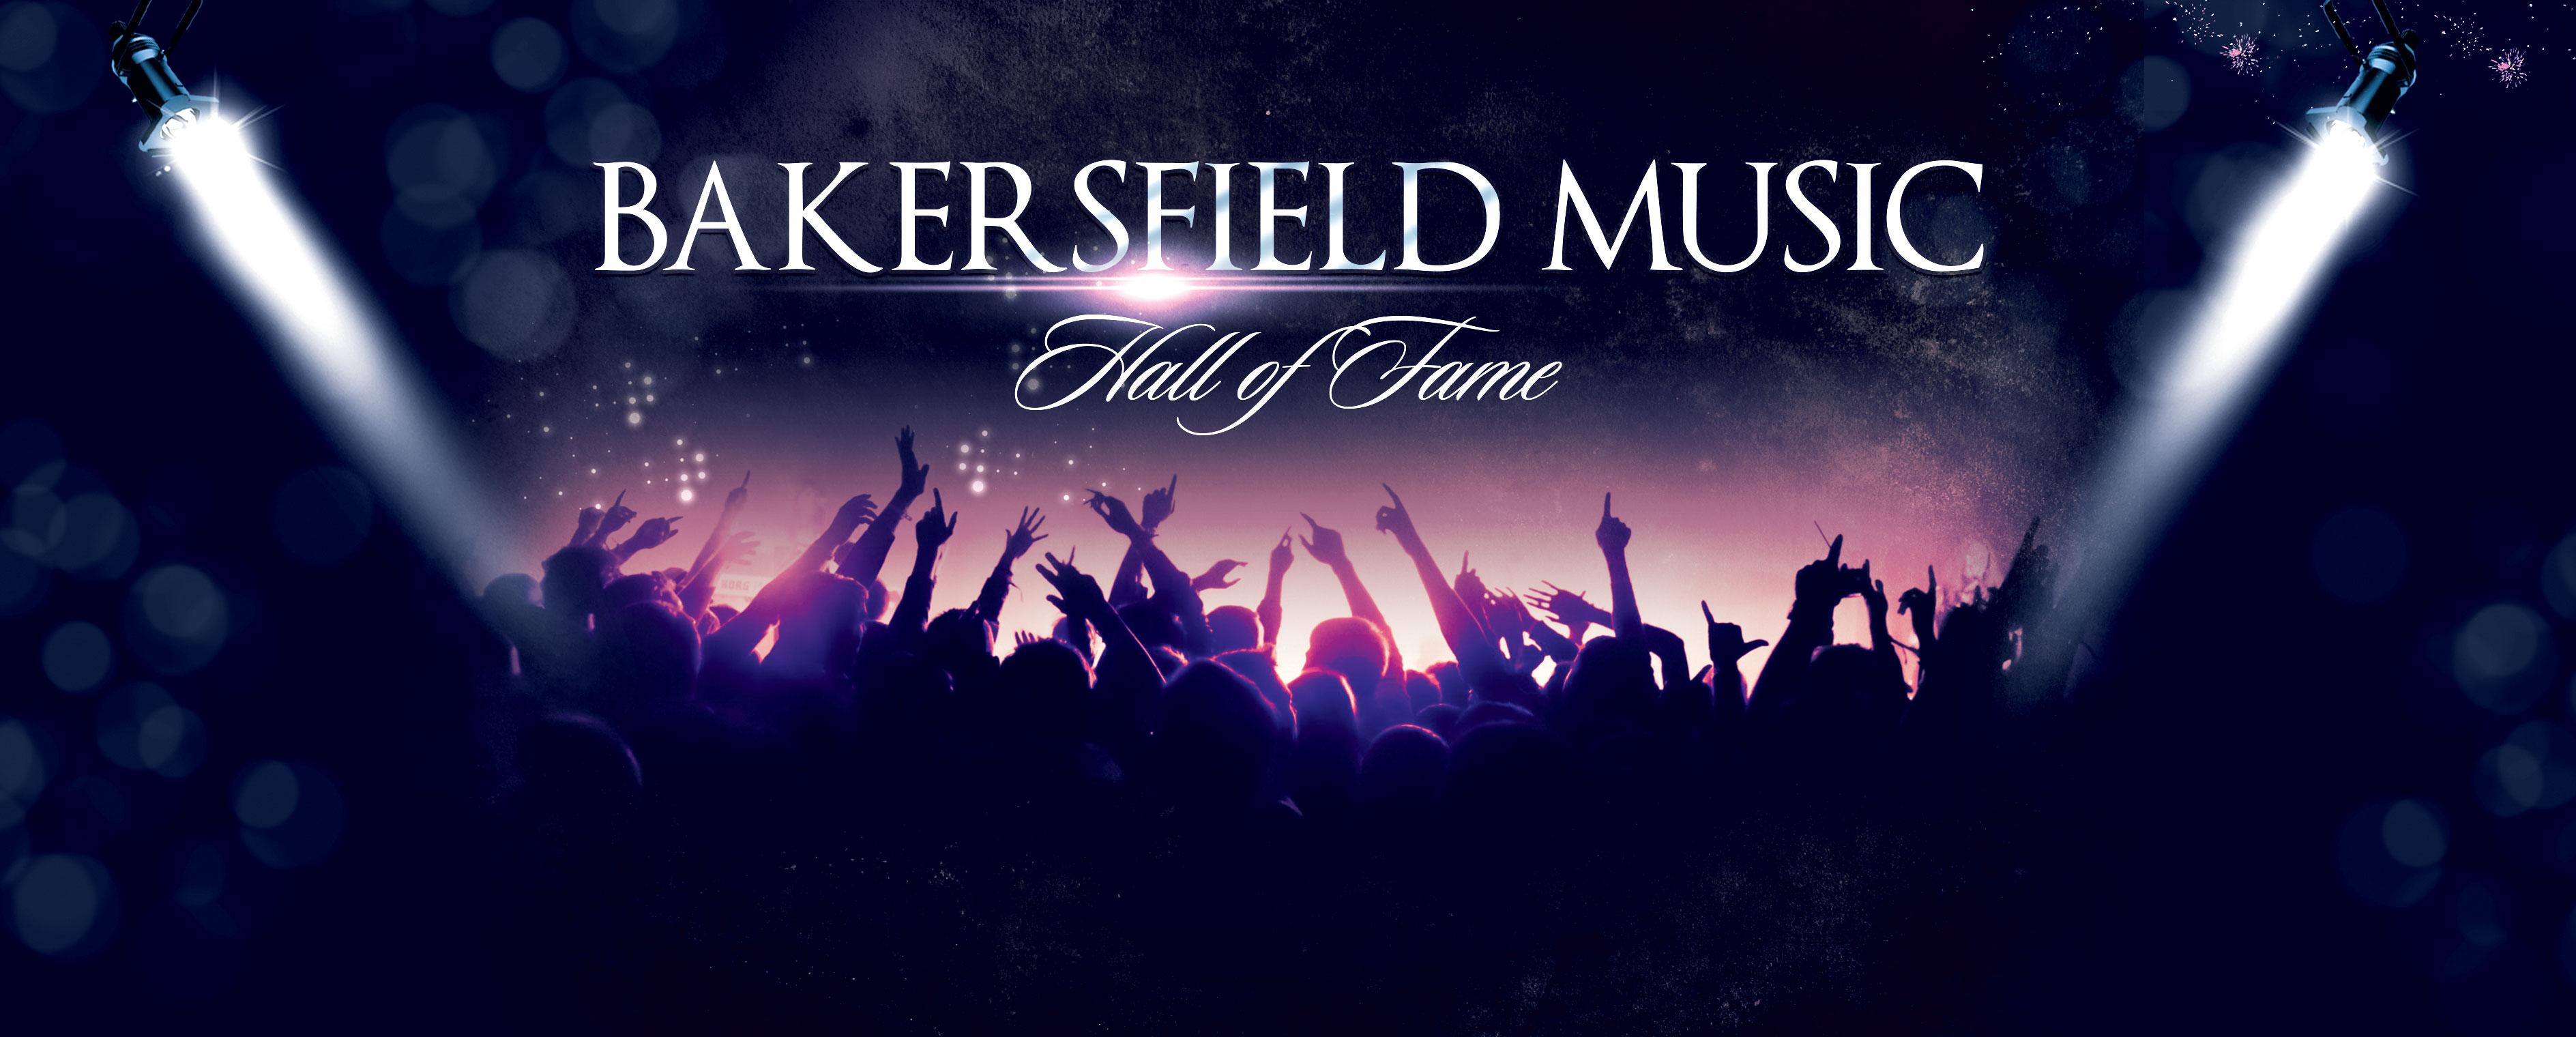 BakersfieldMusic_header_blue